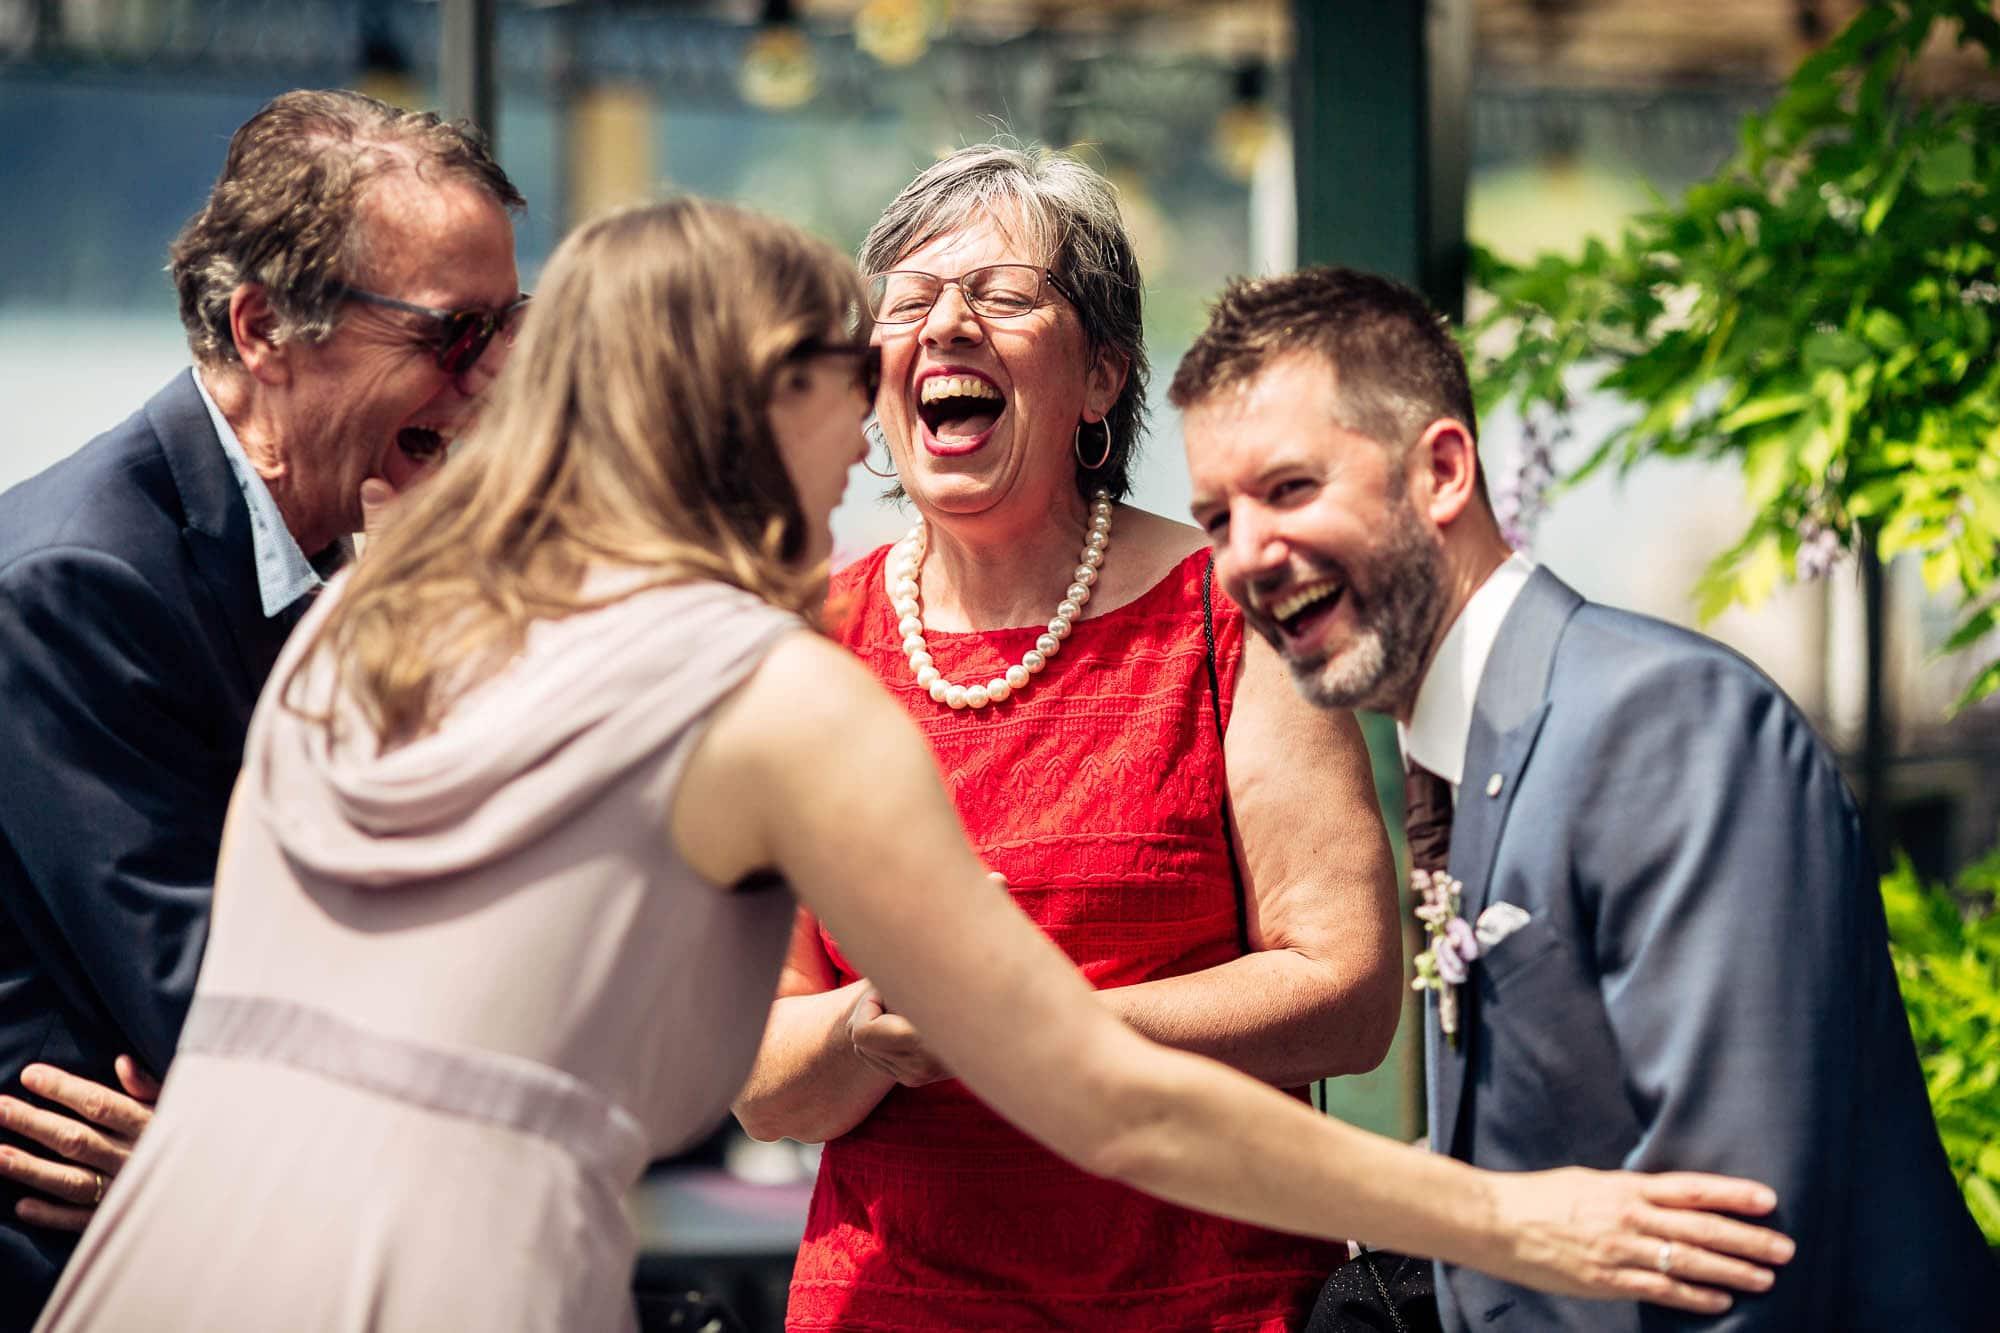 Gäste lachen heftig